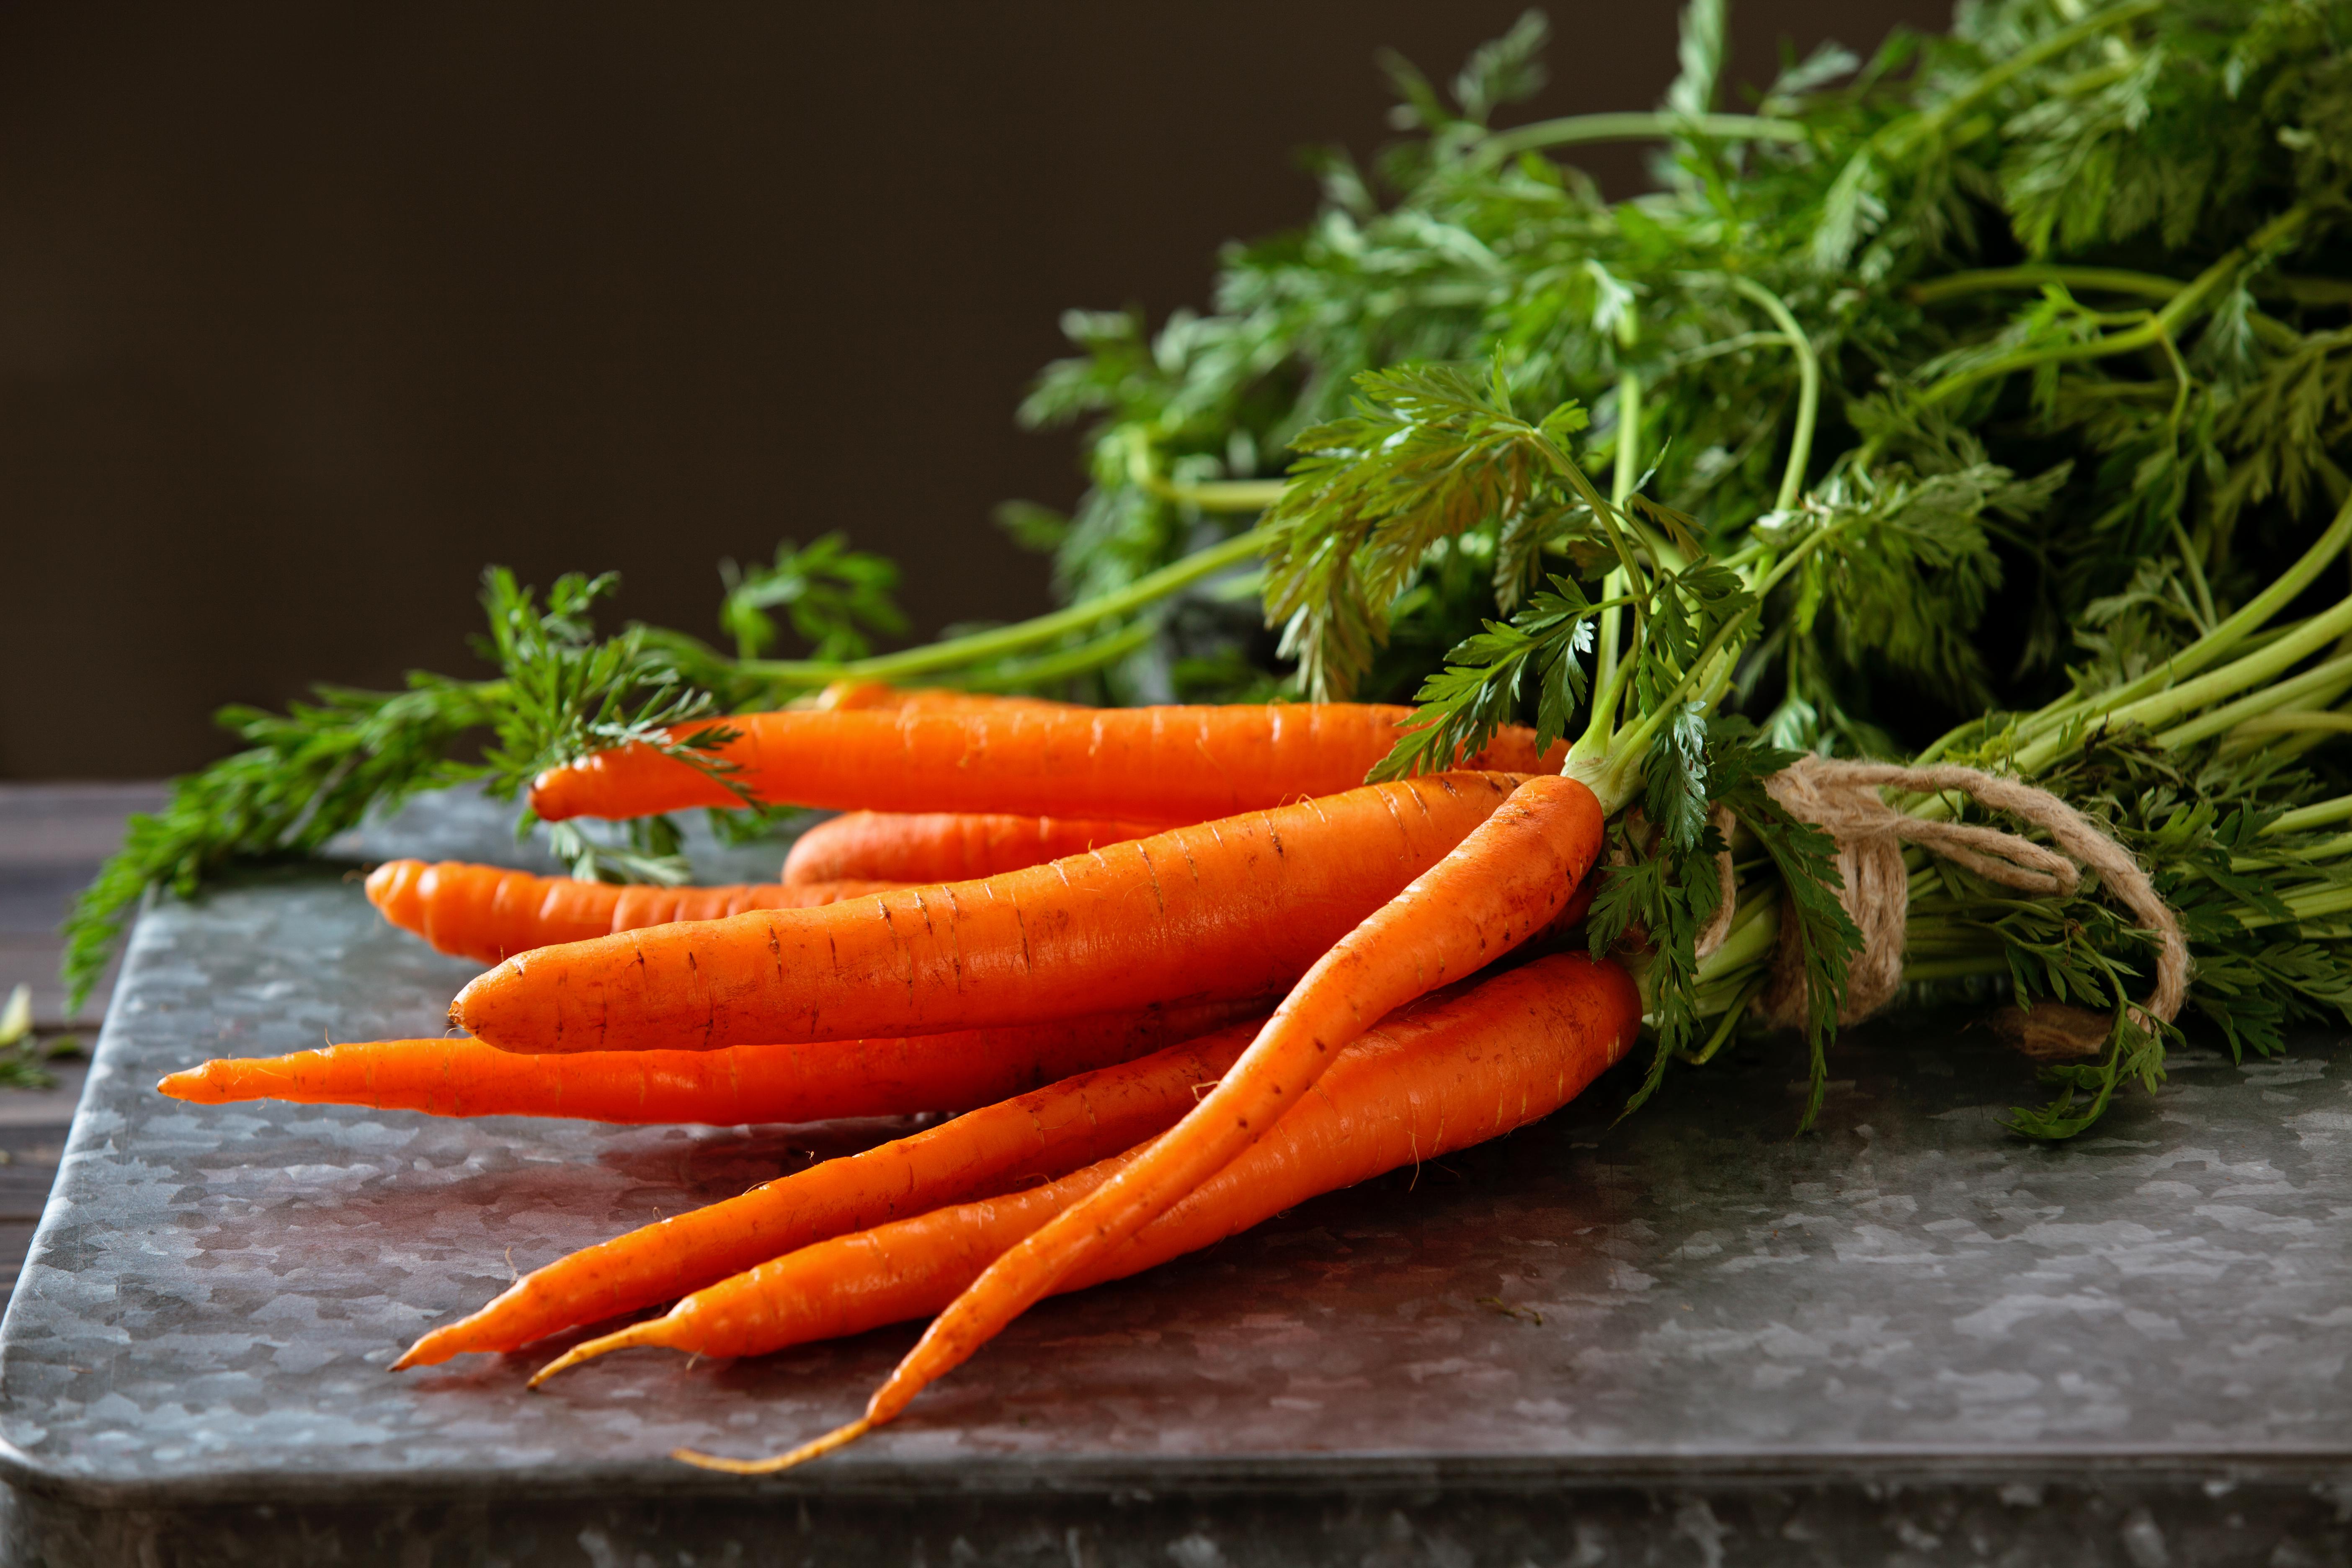 <p><strong>Моркови</strong></p>  <p>Едва ли има човек, който да не е чувал колко полезни са морковите. Сокът от моркови е станал нарицателно за здравословно хранене. Те съдържат фибри, витамин А, витамин С и бета каротин. Поддържат сърдечното здраве.</p>